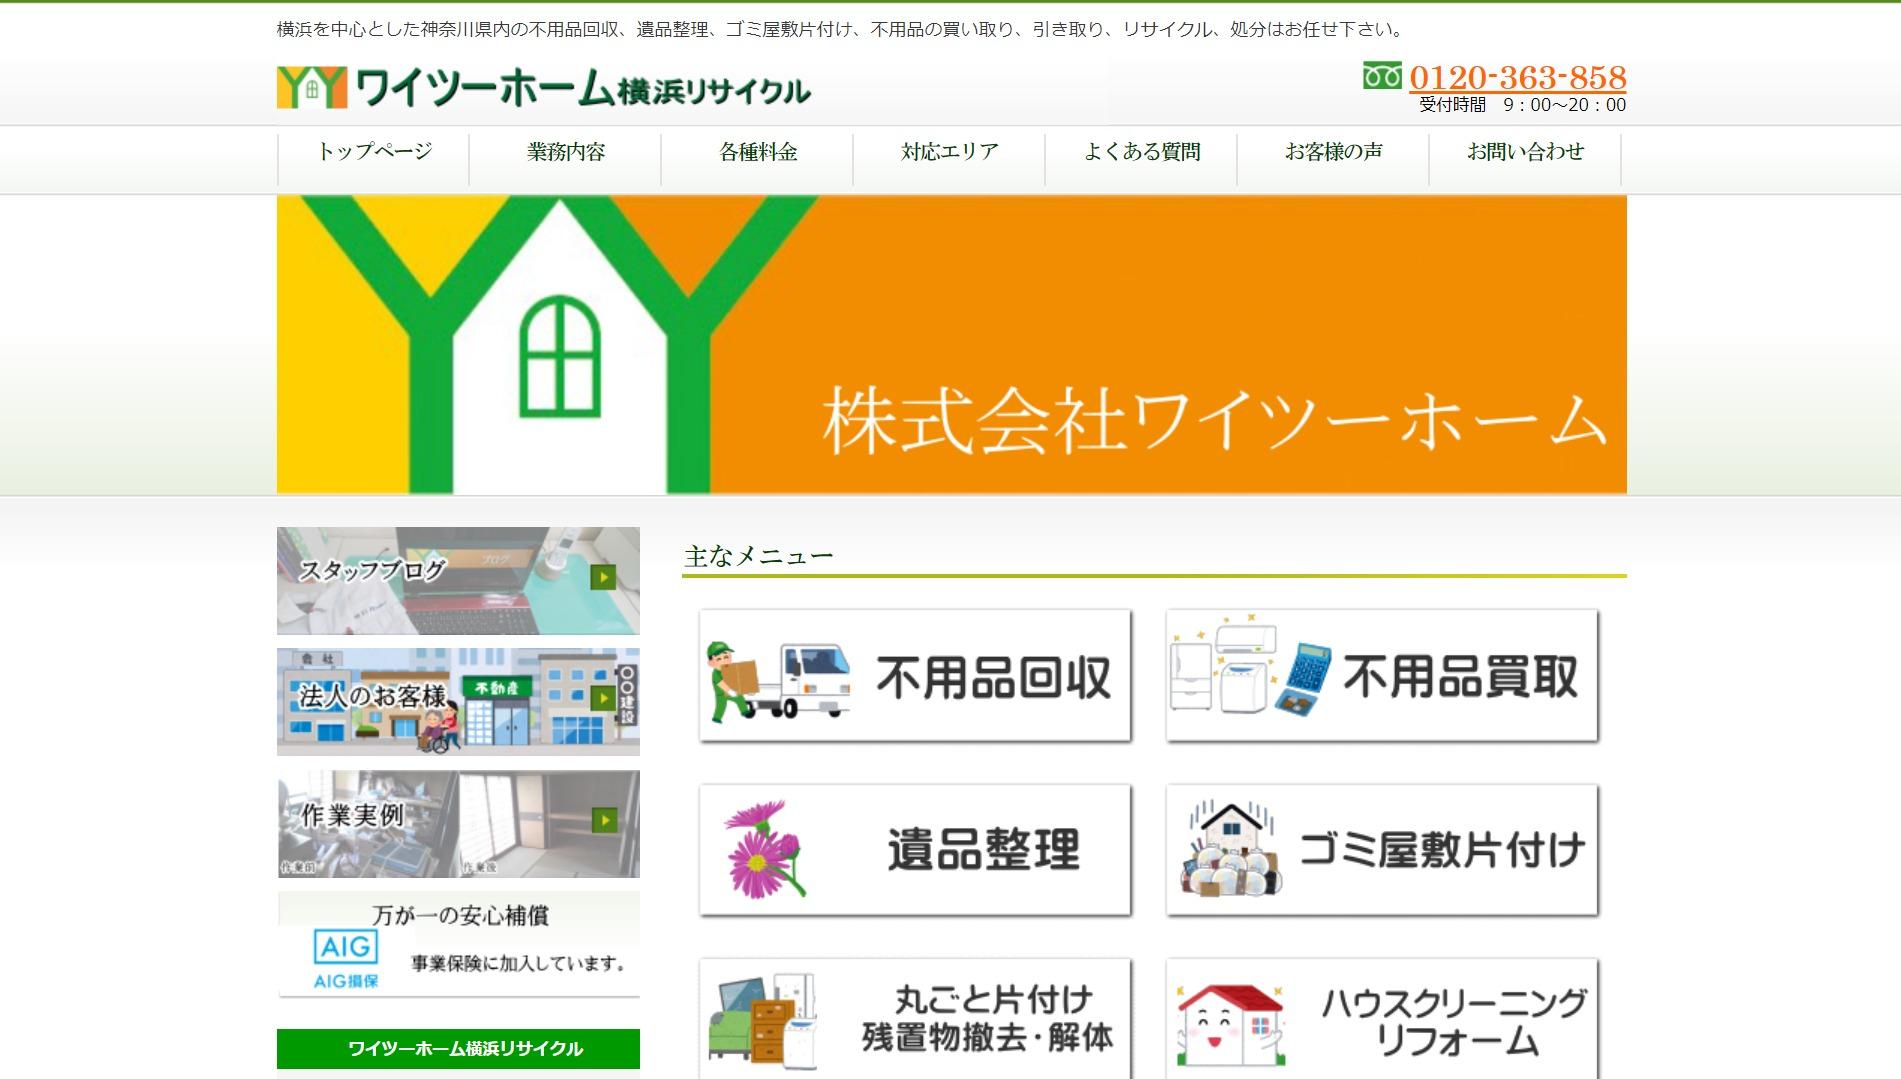 ワイツーホーム横浜リサイクル(神奈川県横浜市旭区)